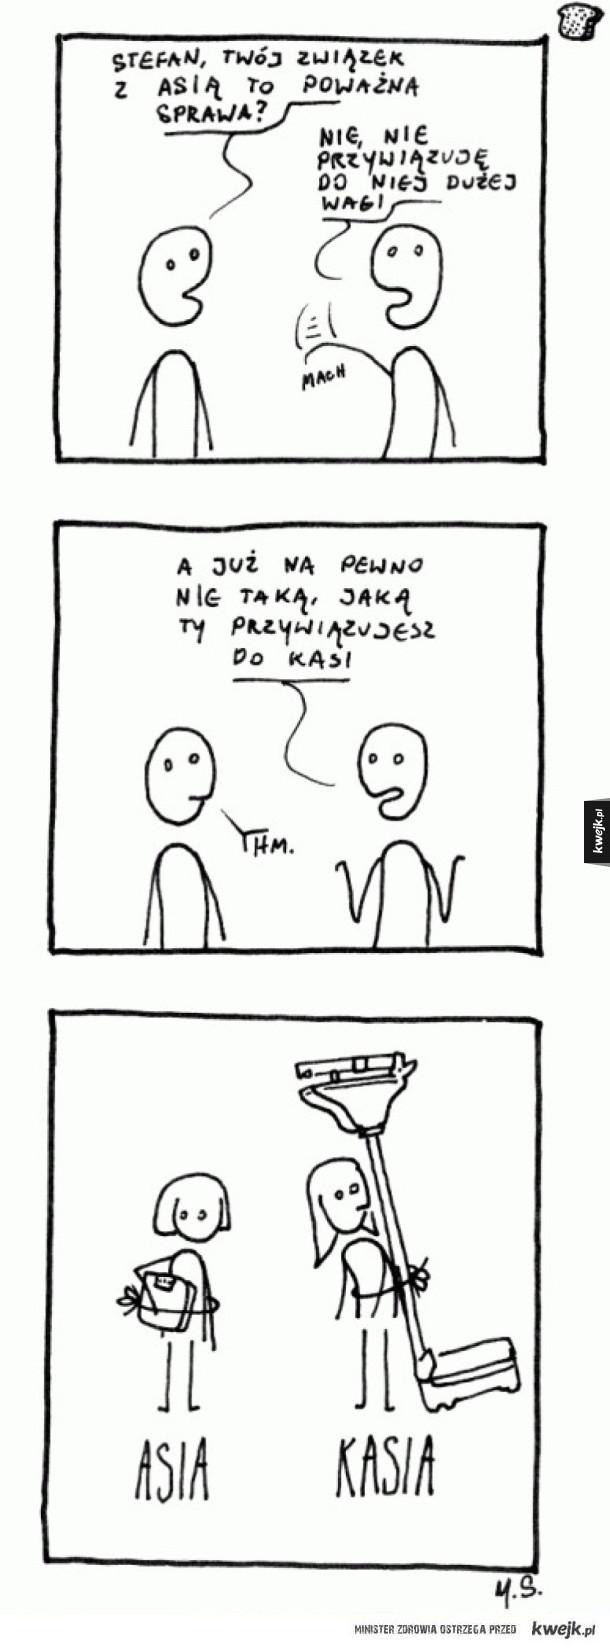 Żart językowy